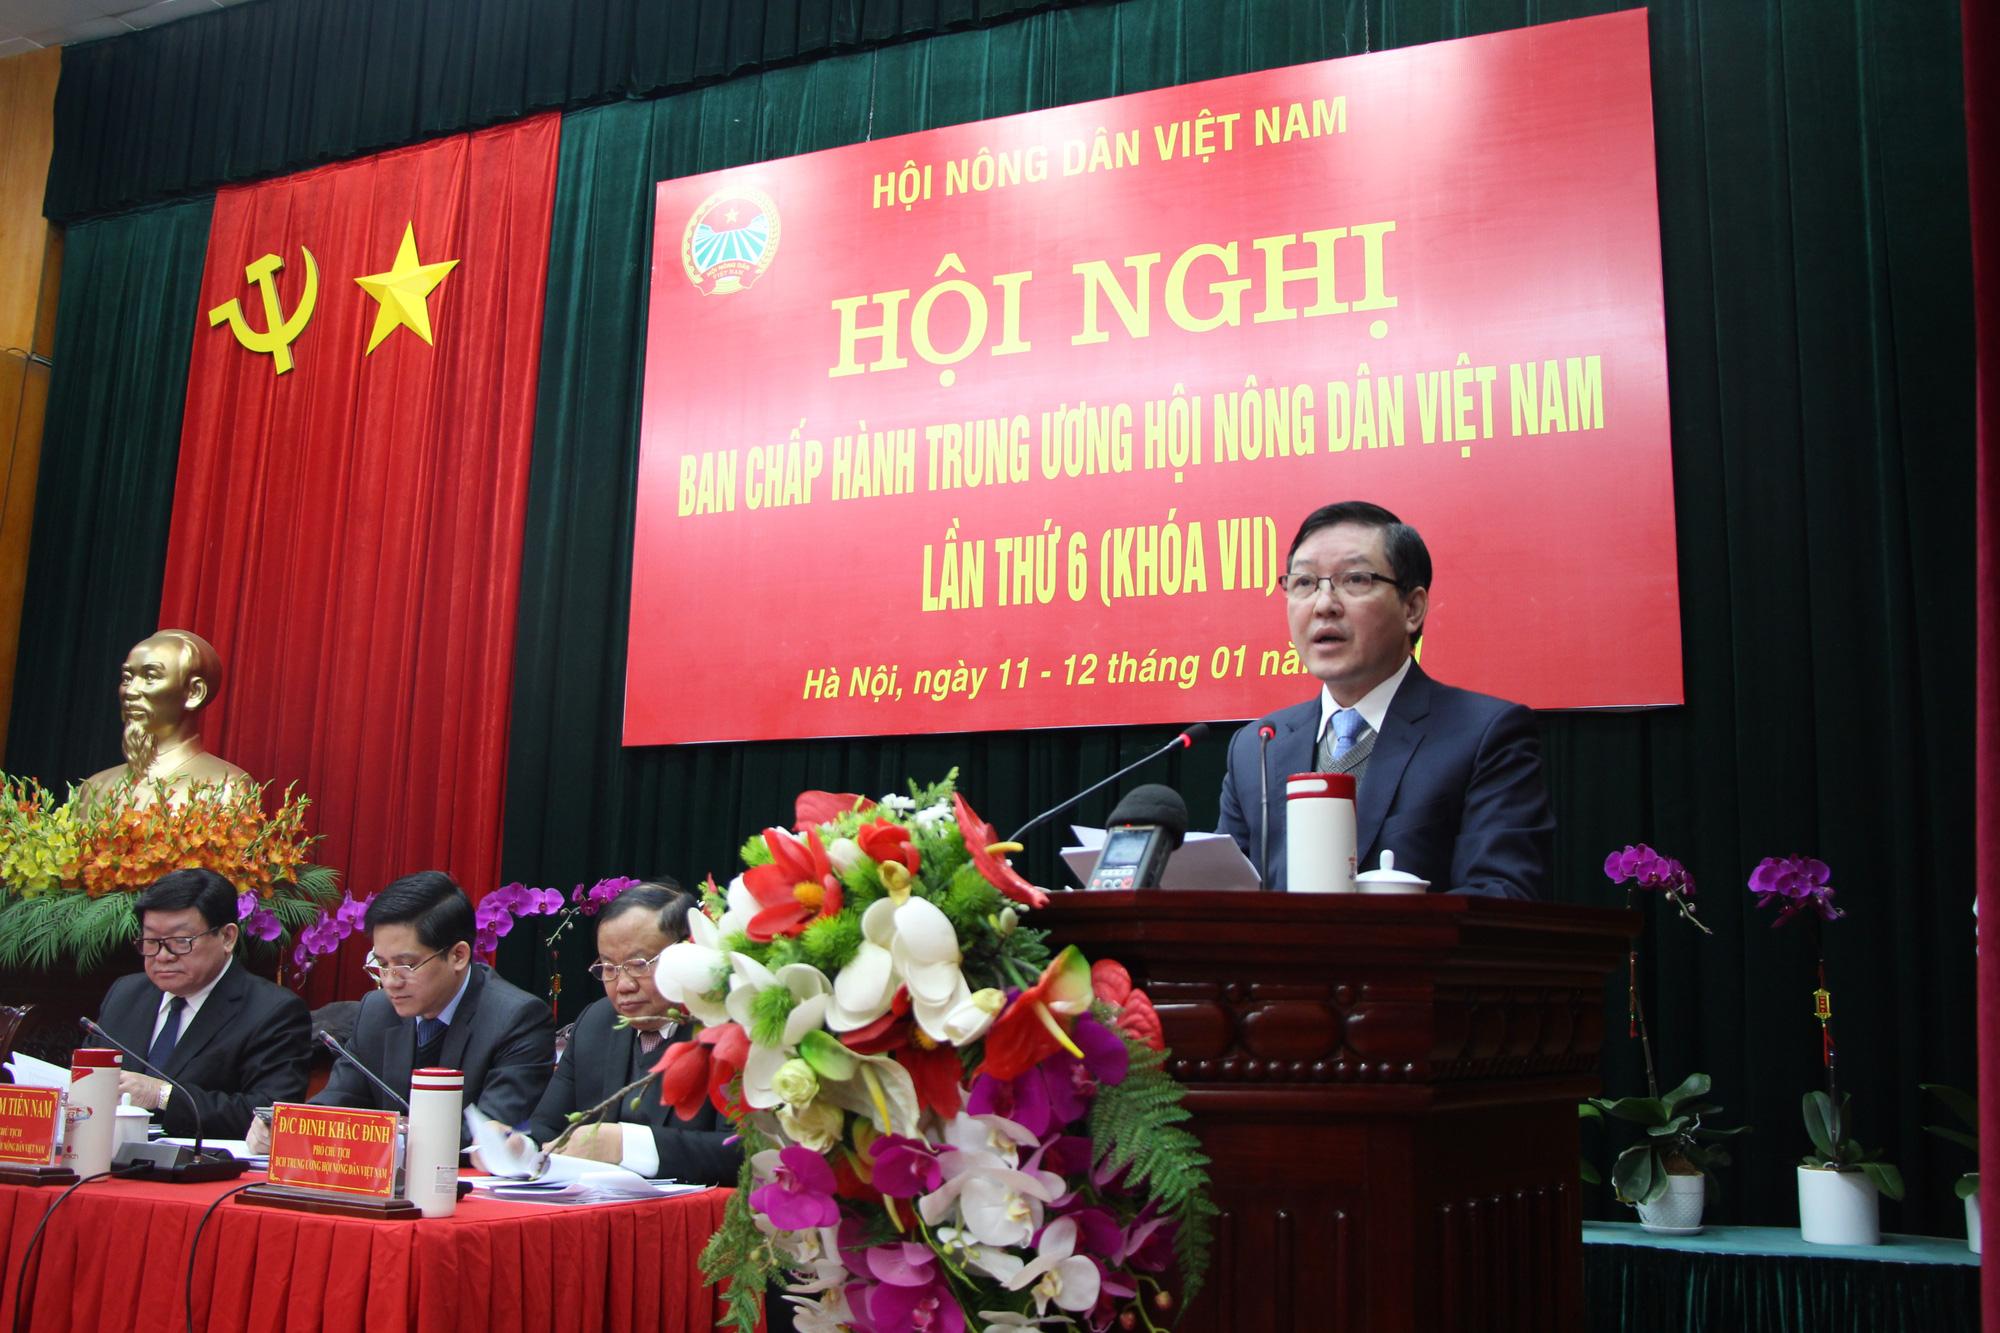 """Chủ tịch Hội NDVN Thào Xuân Sùng: Thay đổi tư duy sản xuất nông nghiệp, thúc đẩy mối liên kết """"6 nhà"""" - Ảnh 3."""